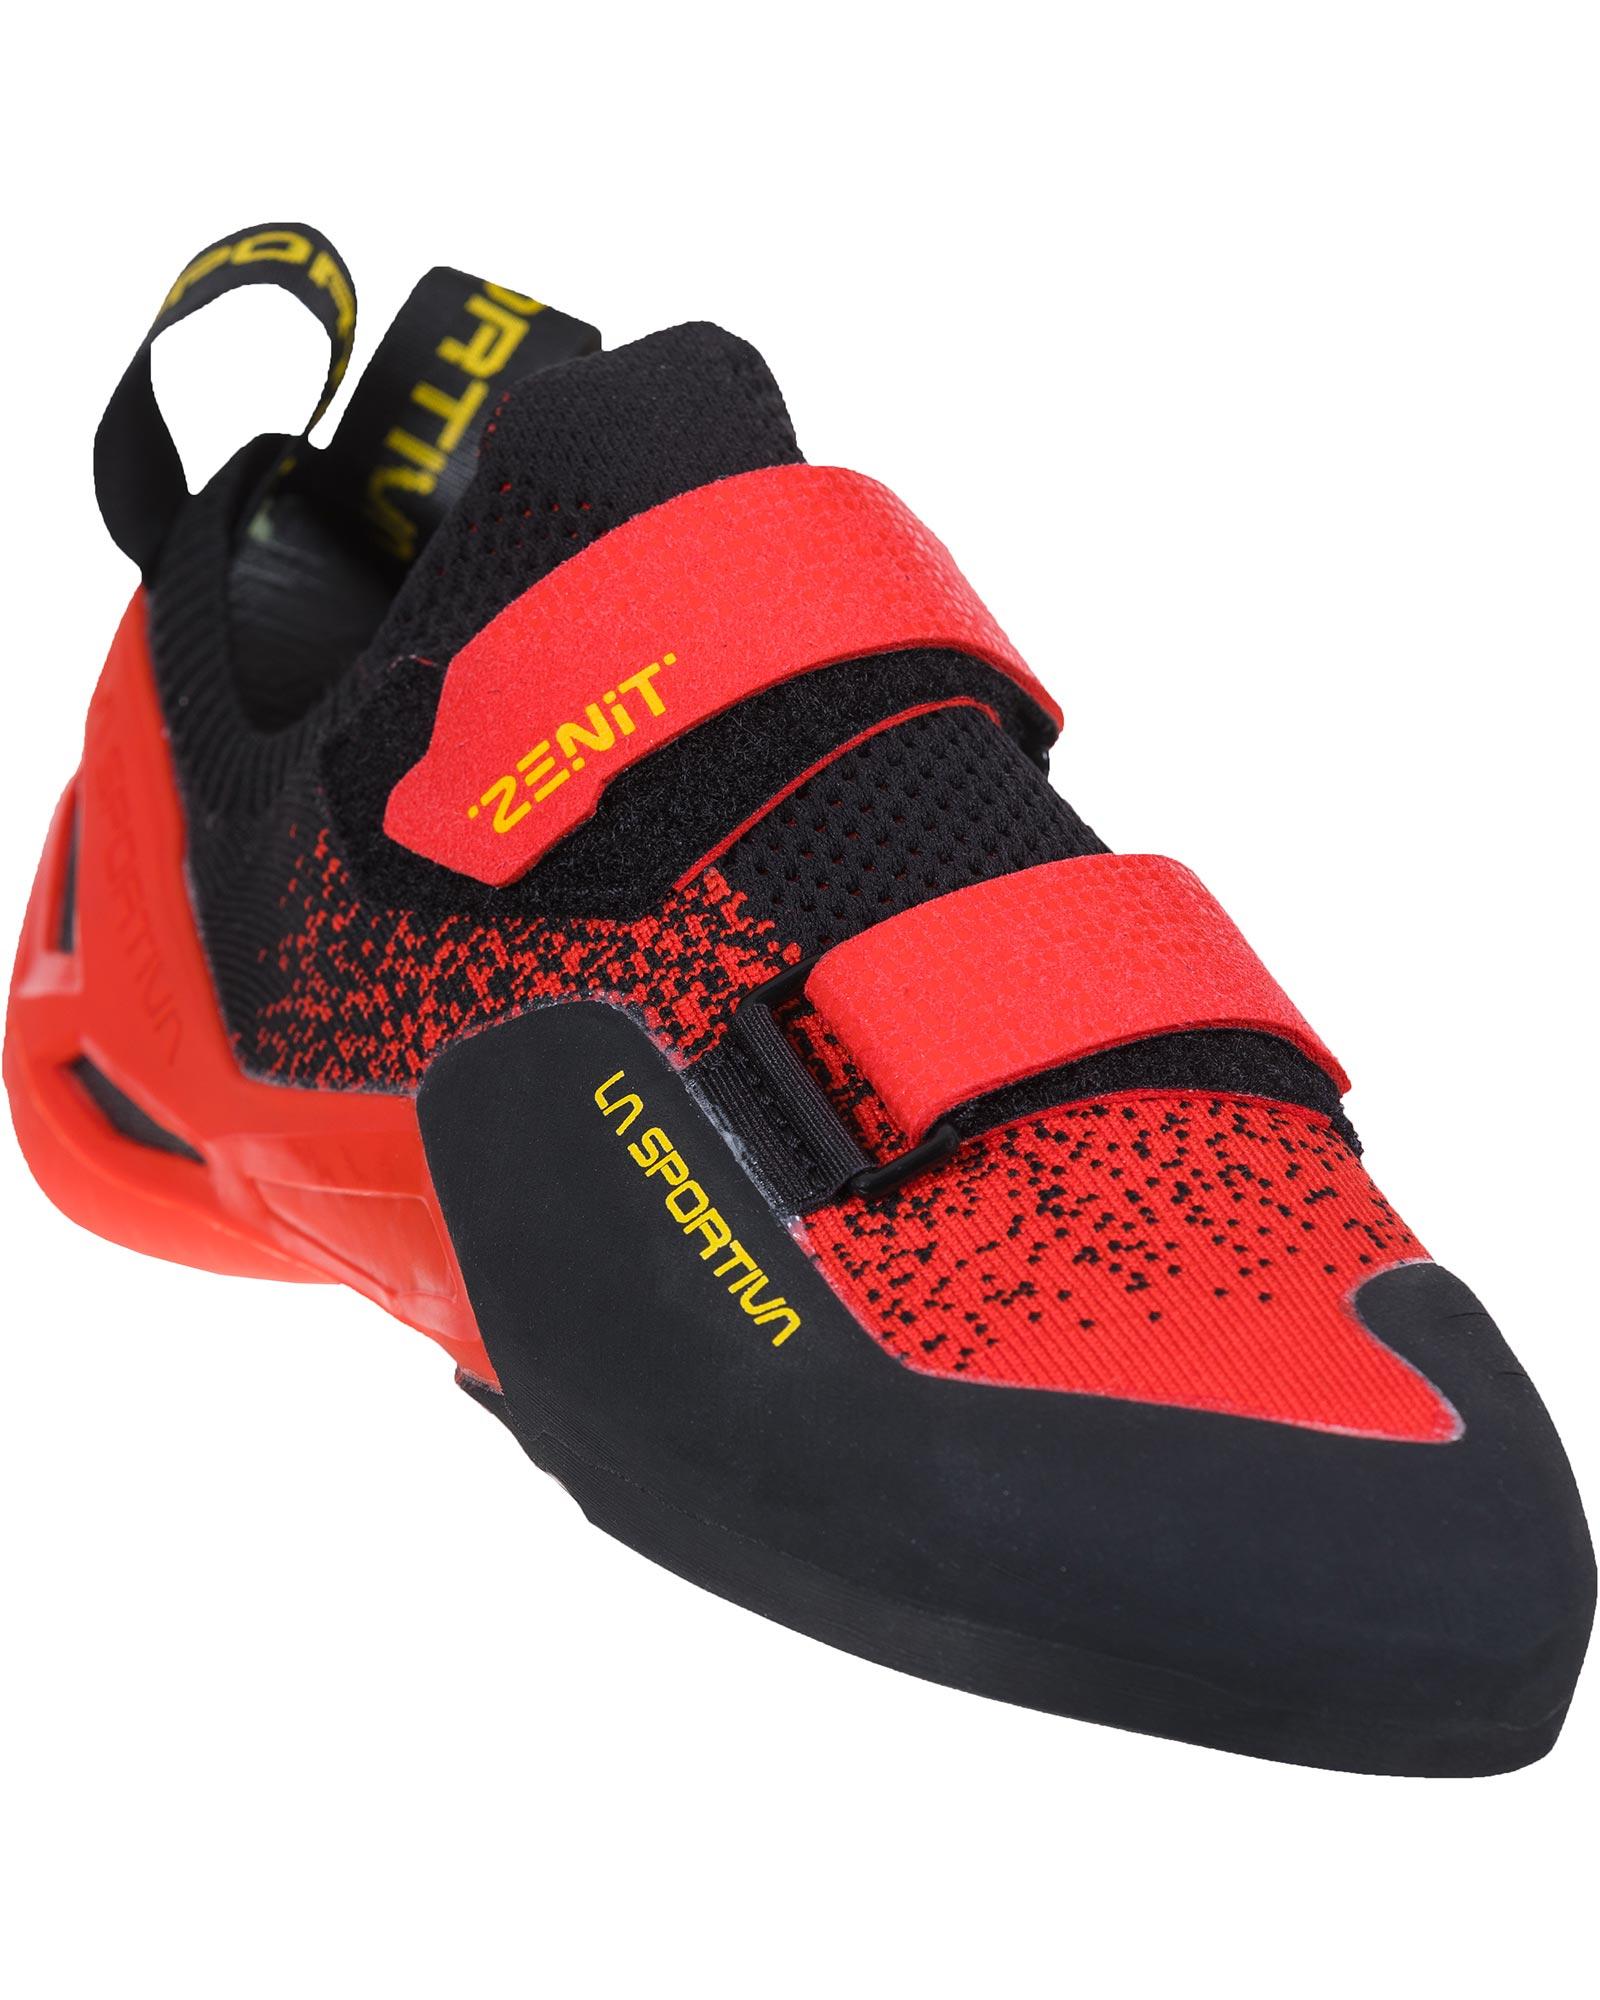 La Sportiva Men's Zenit Climbing Shoes 0